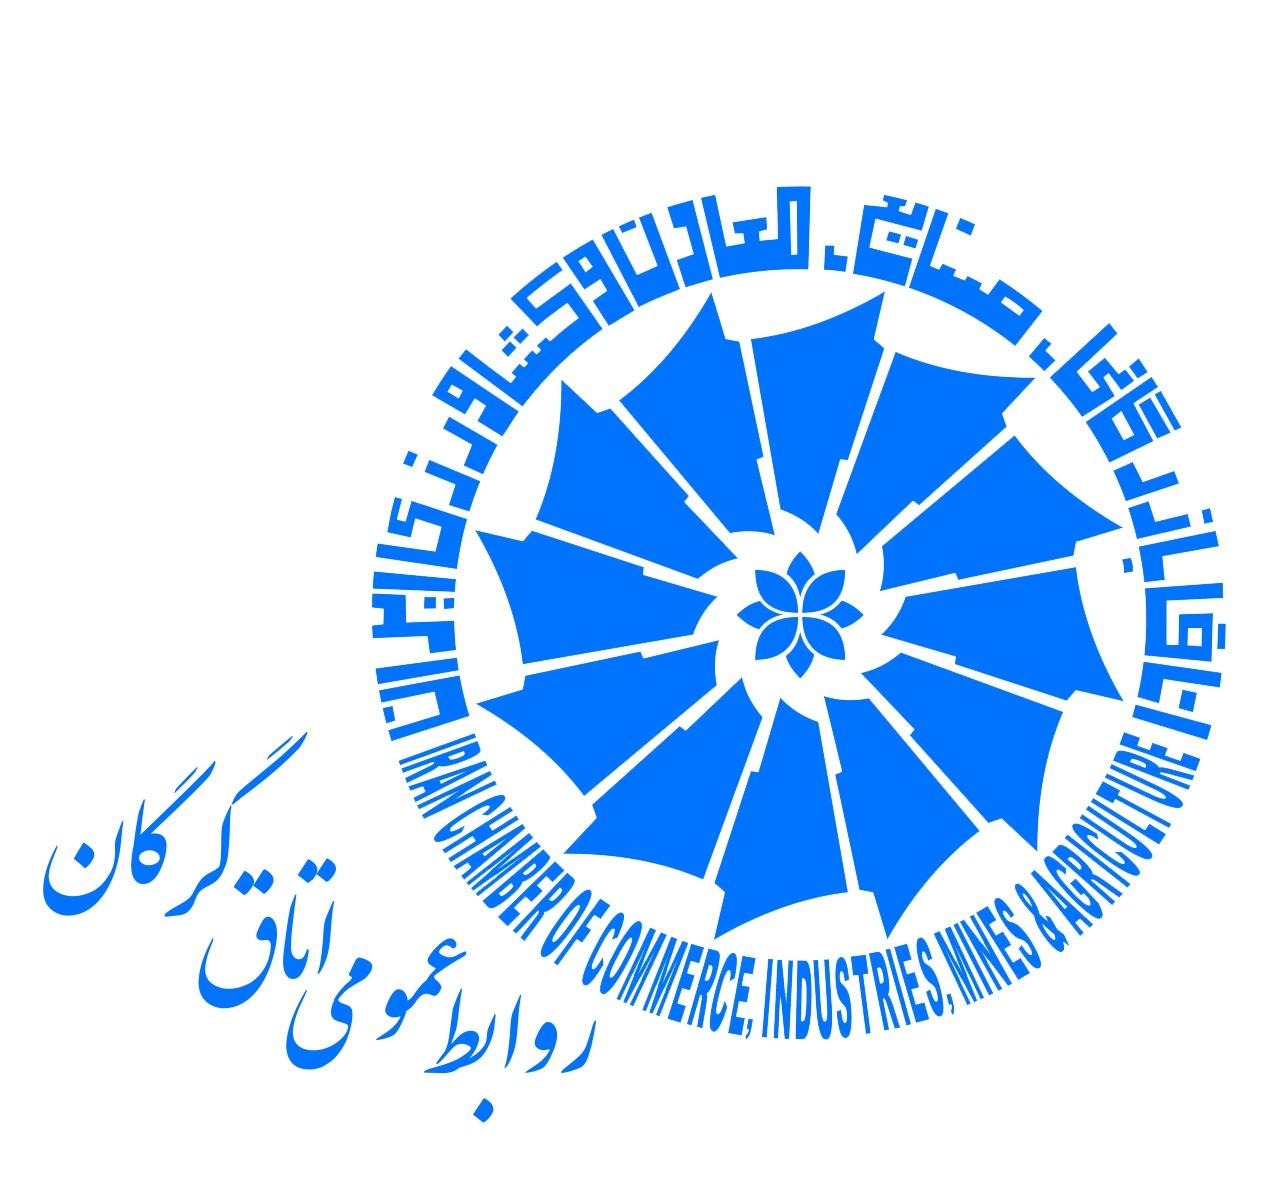 نمایشگاه تاجیکستان 2020 و توریسم لیسبون